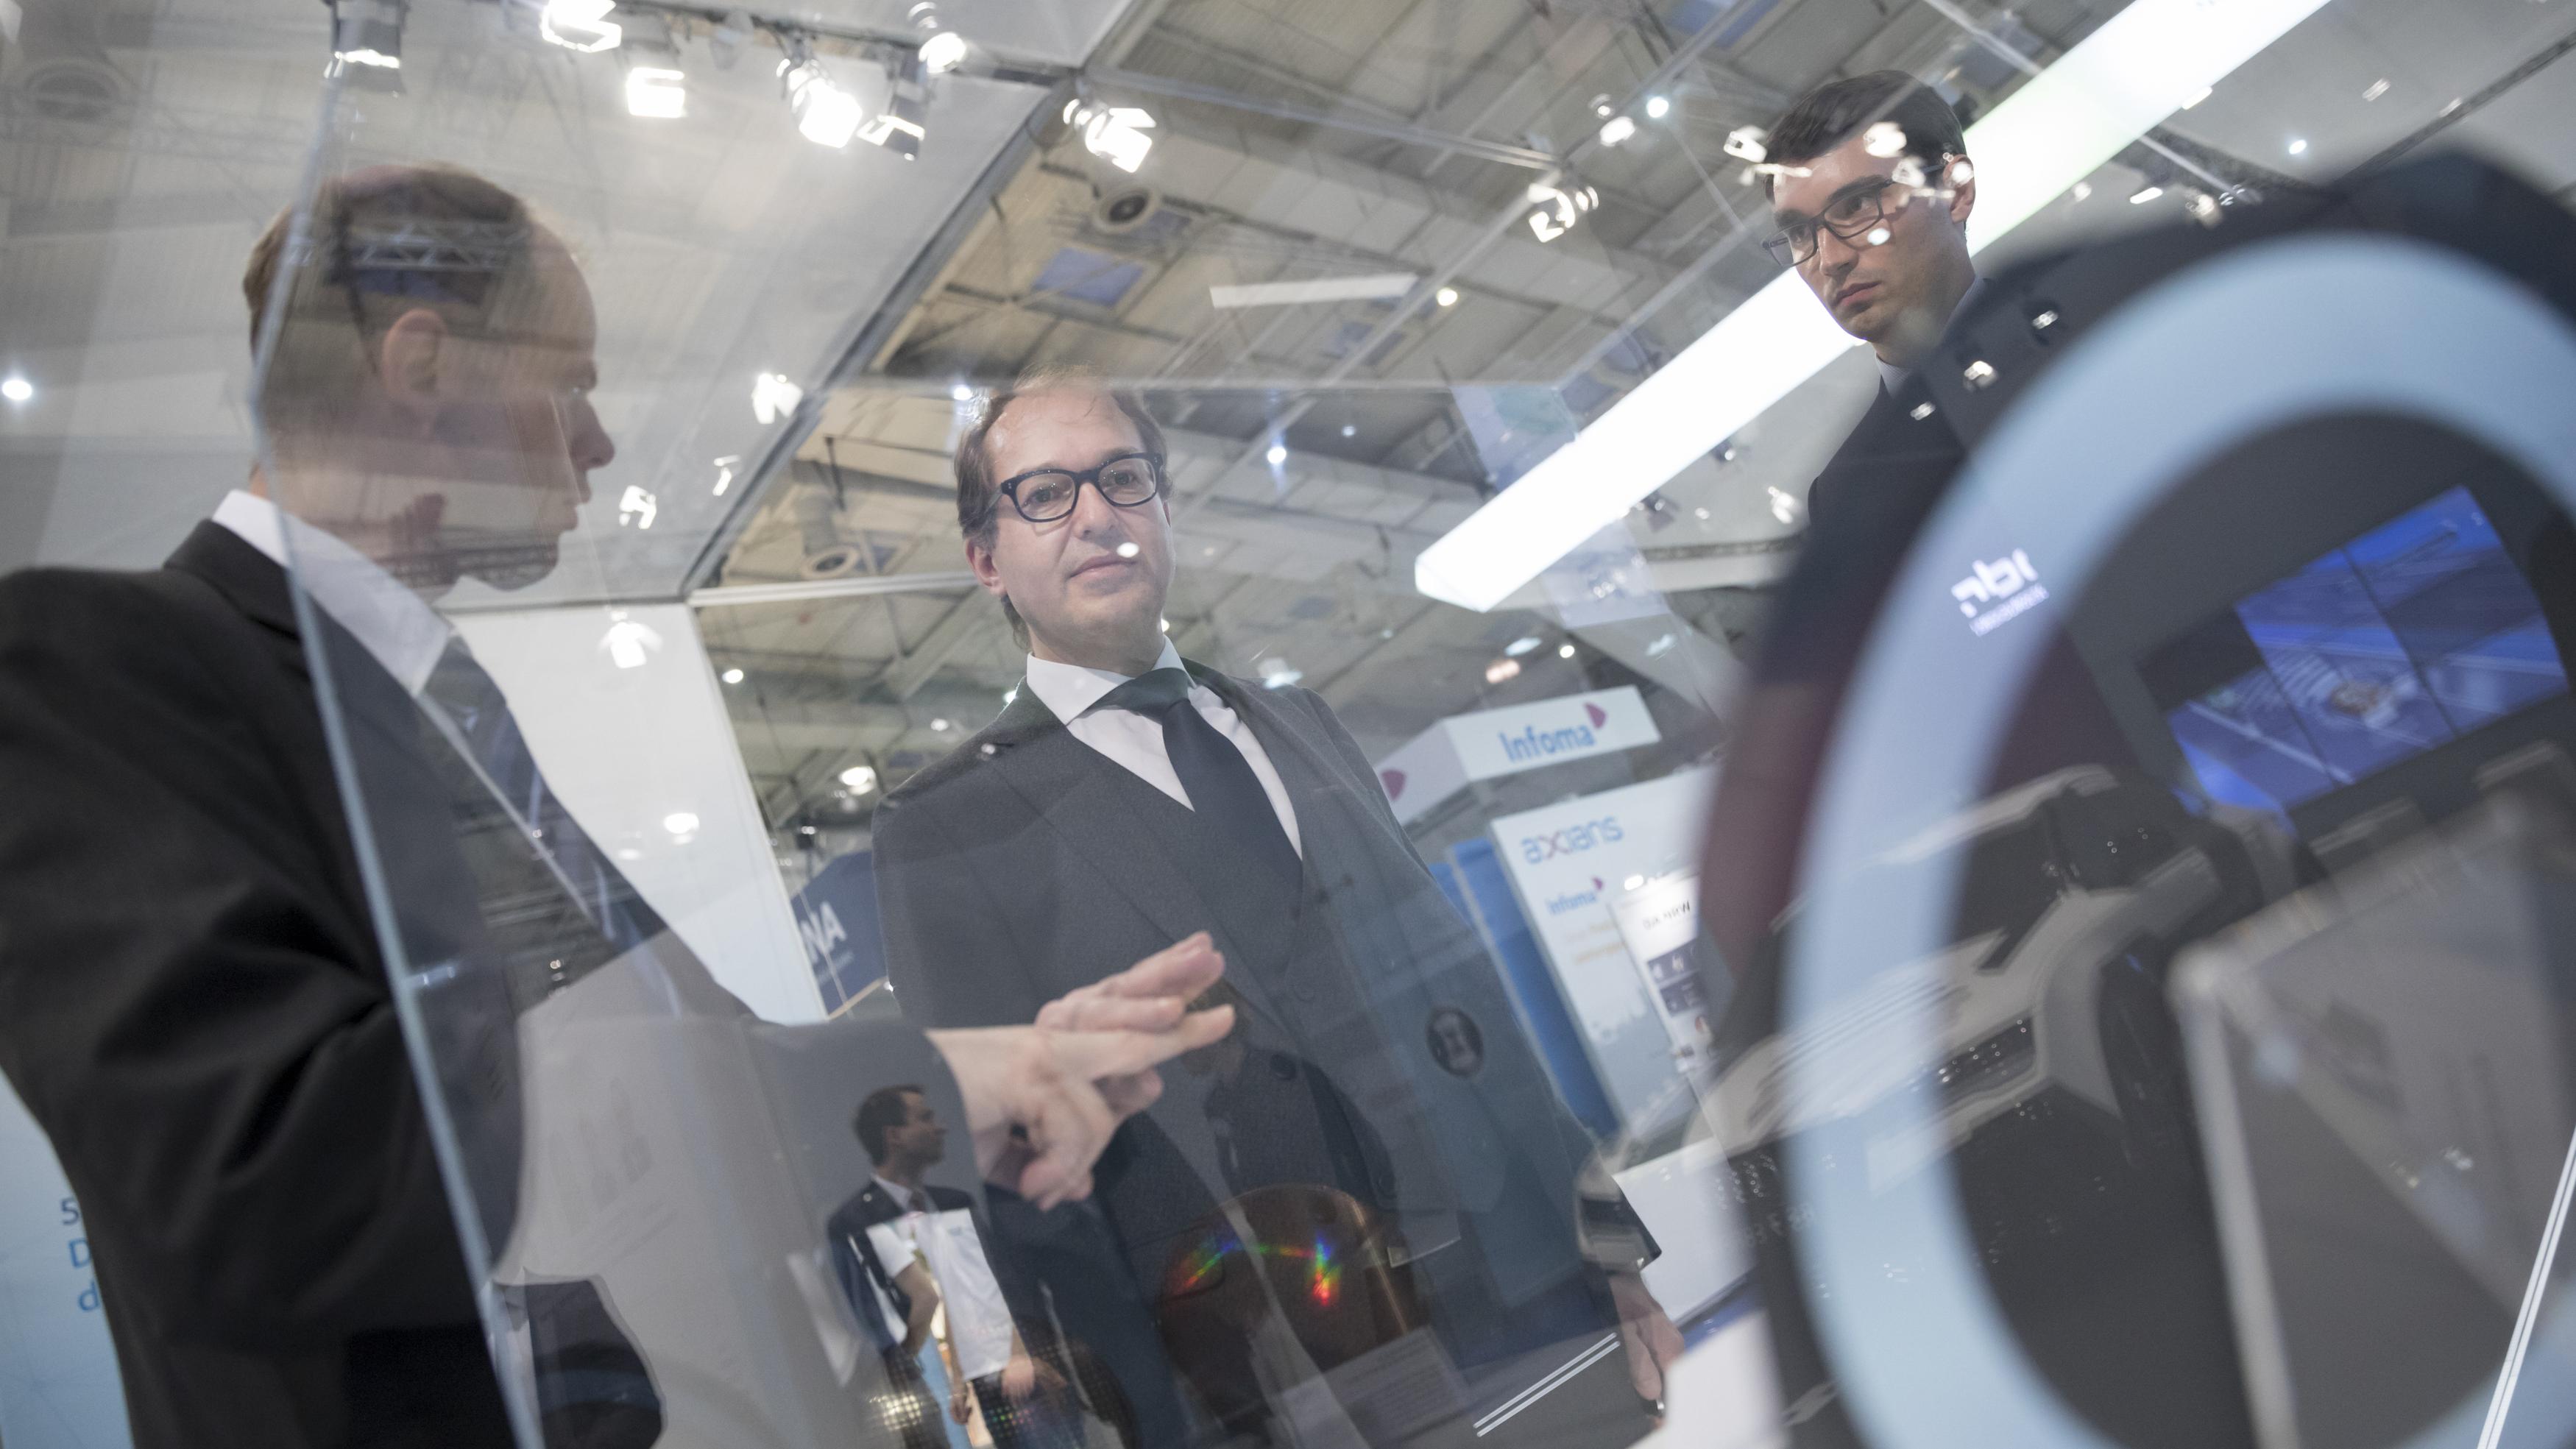 Alexander Dobrindt (Bundesminister für Verkehr und digitale Infrastruktur) besucht am 20/03/2017 den Stand vom BMVI auf der Computermesse CeBIT in Hannover.